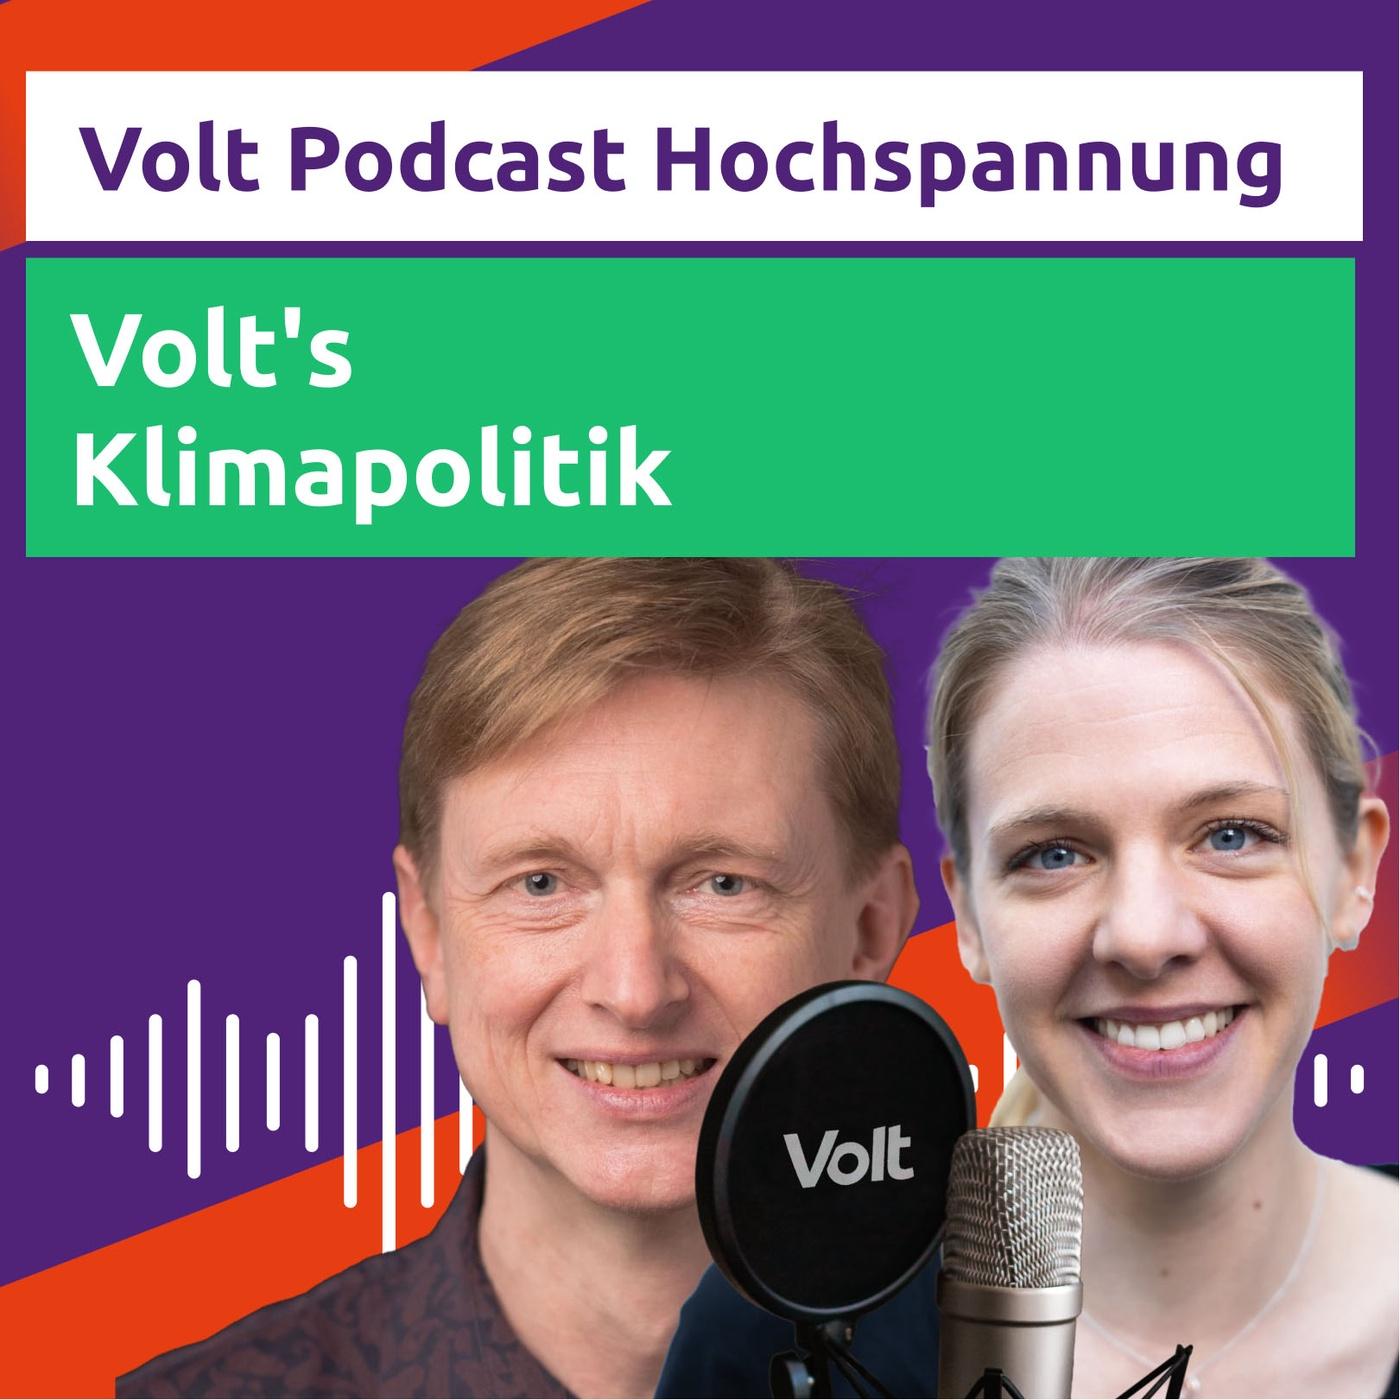 #Wahlprogrammfolge: Volts Klimapolitik - mit Rebekka und Hans-Günter - Hochspannung Podcast